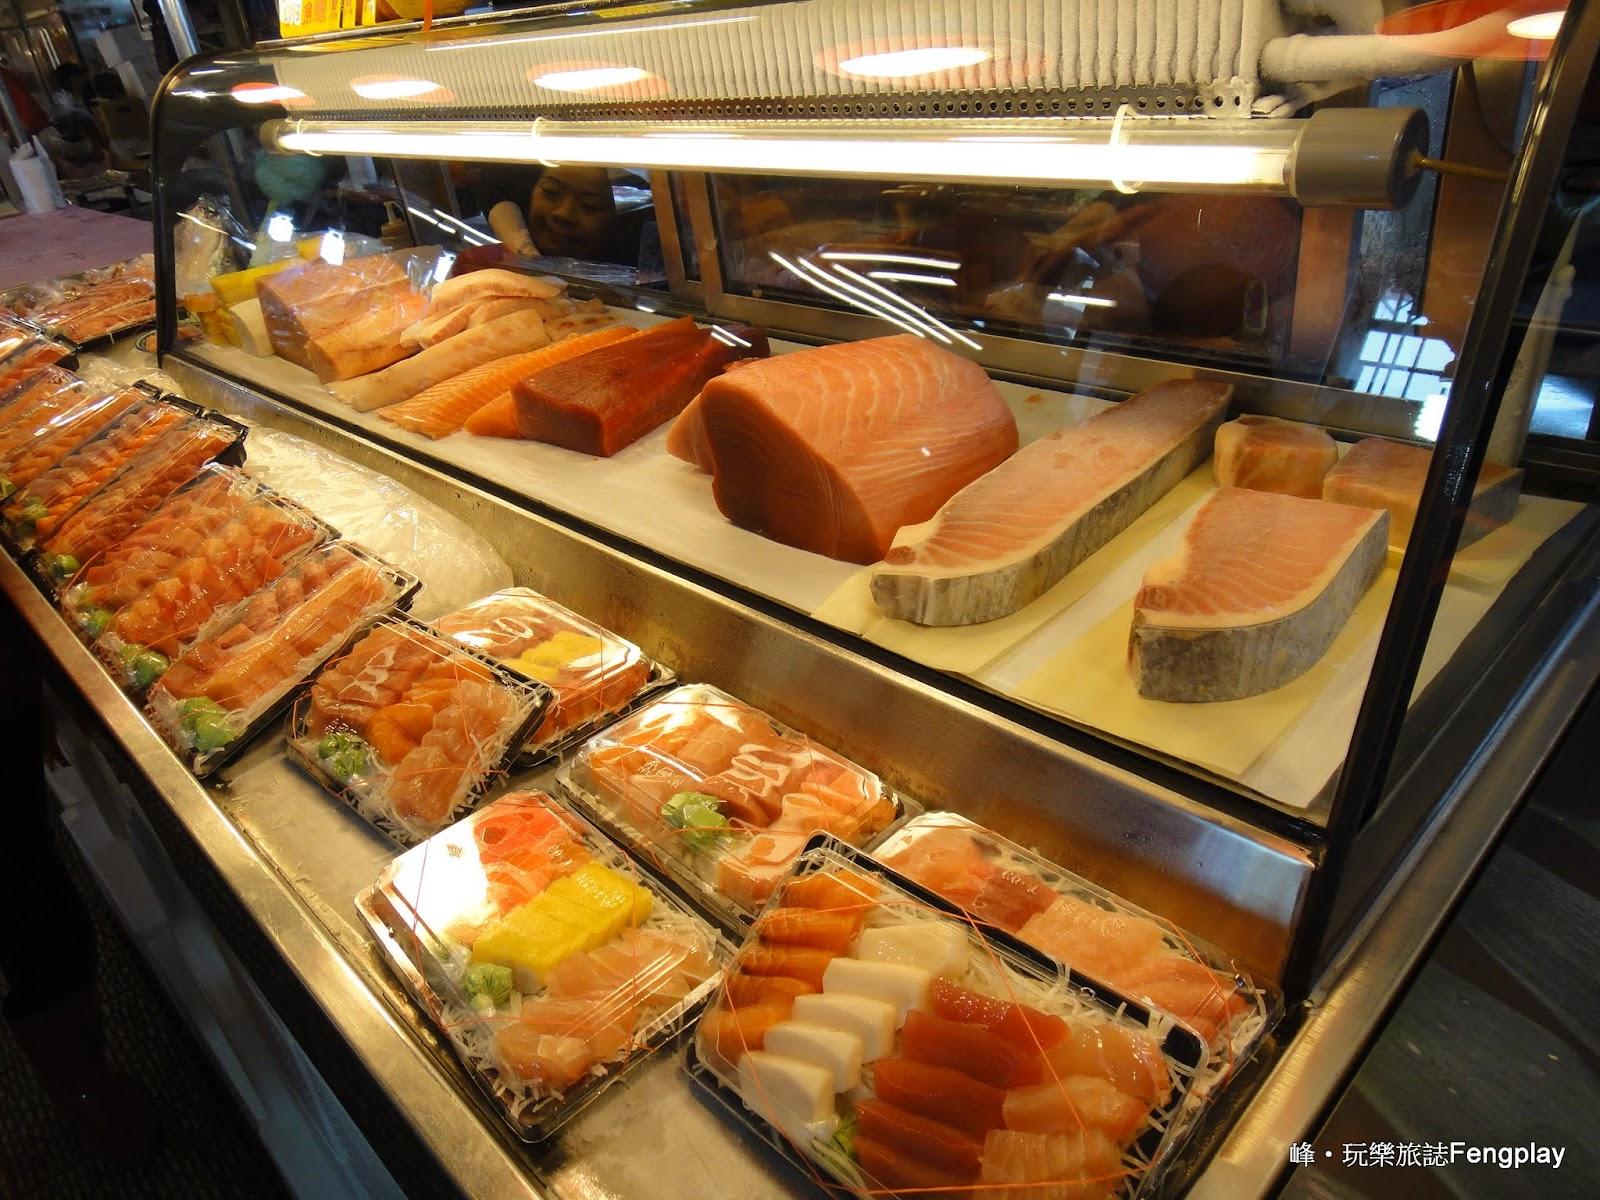 屏東|東港華僑市場~超多美味海鮮食材還有千萬別忘了品嚐鮪魚生魚片喔                                  想刊登廣告嗎?